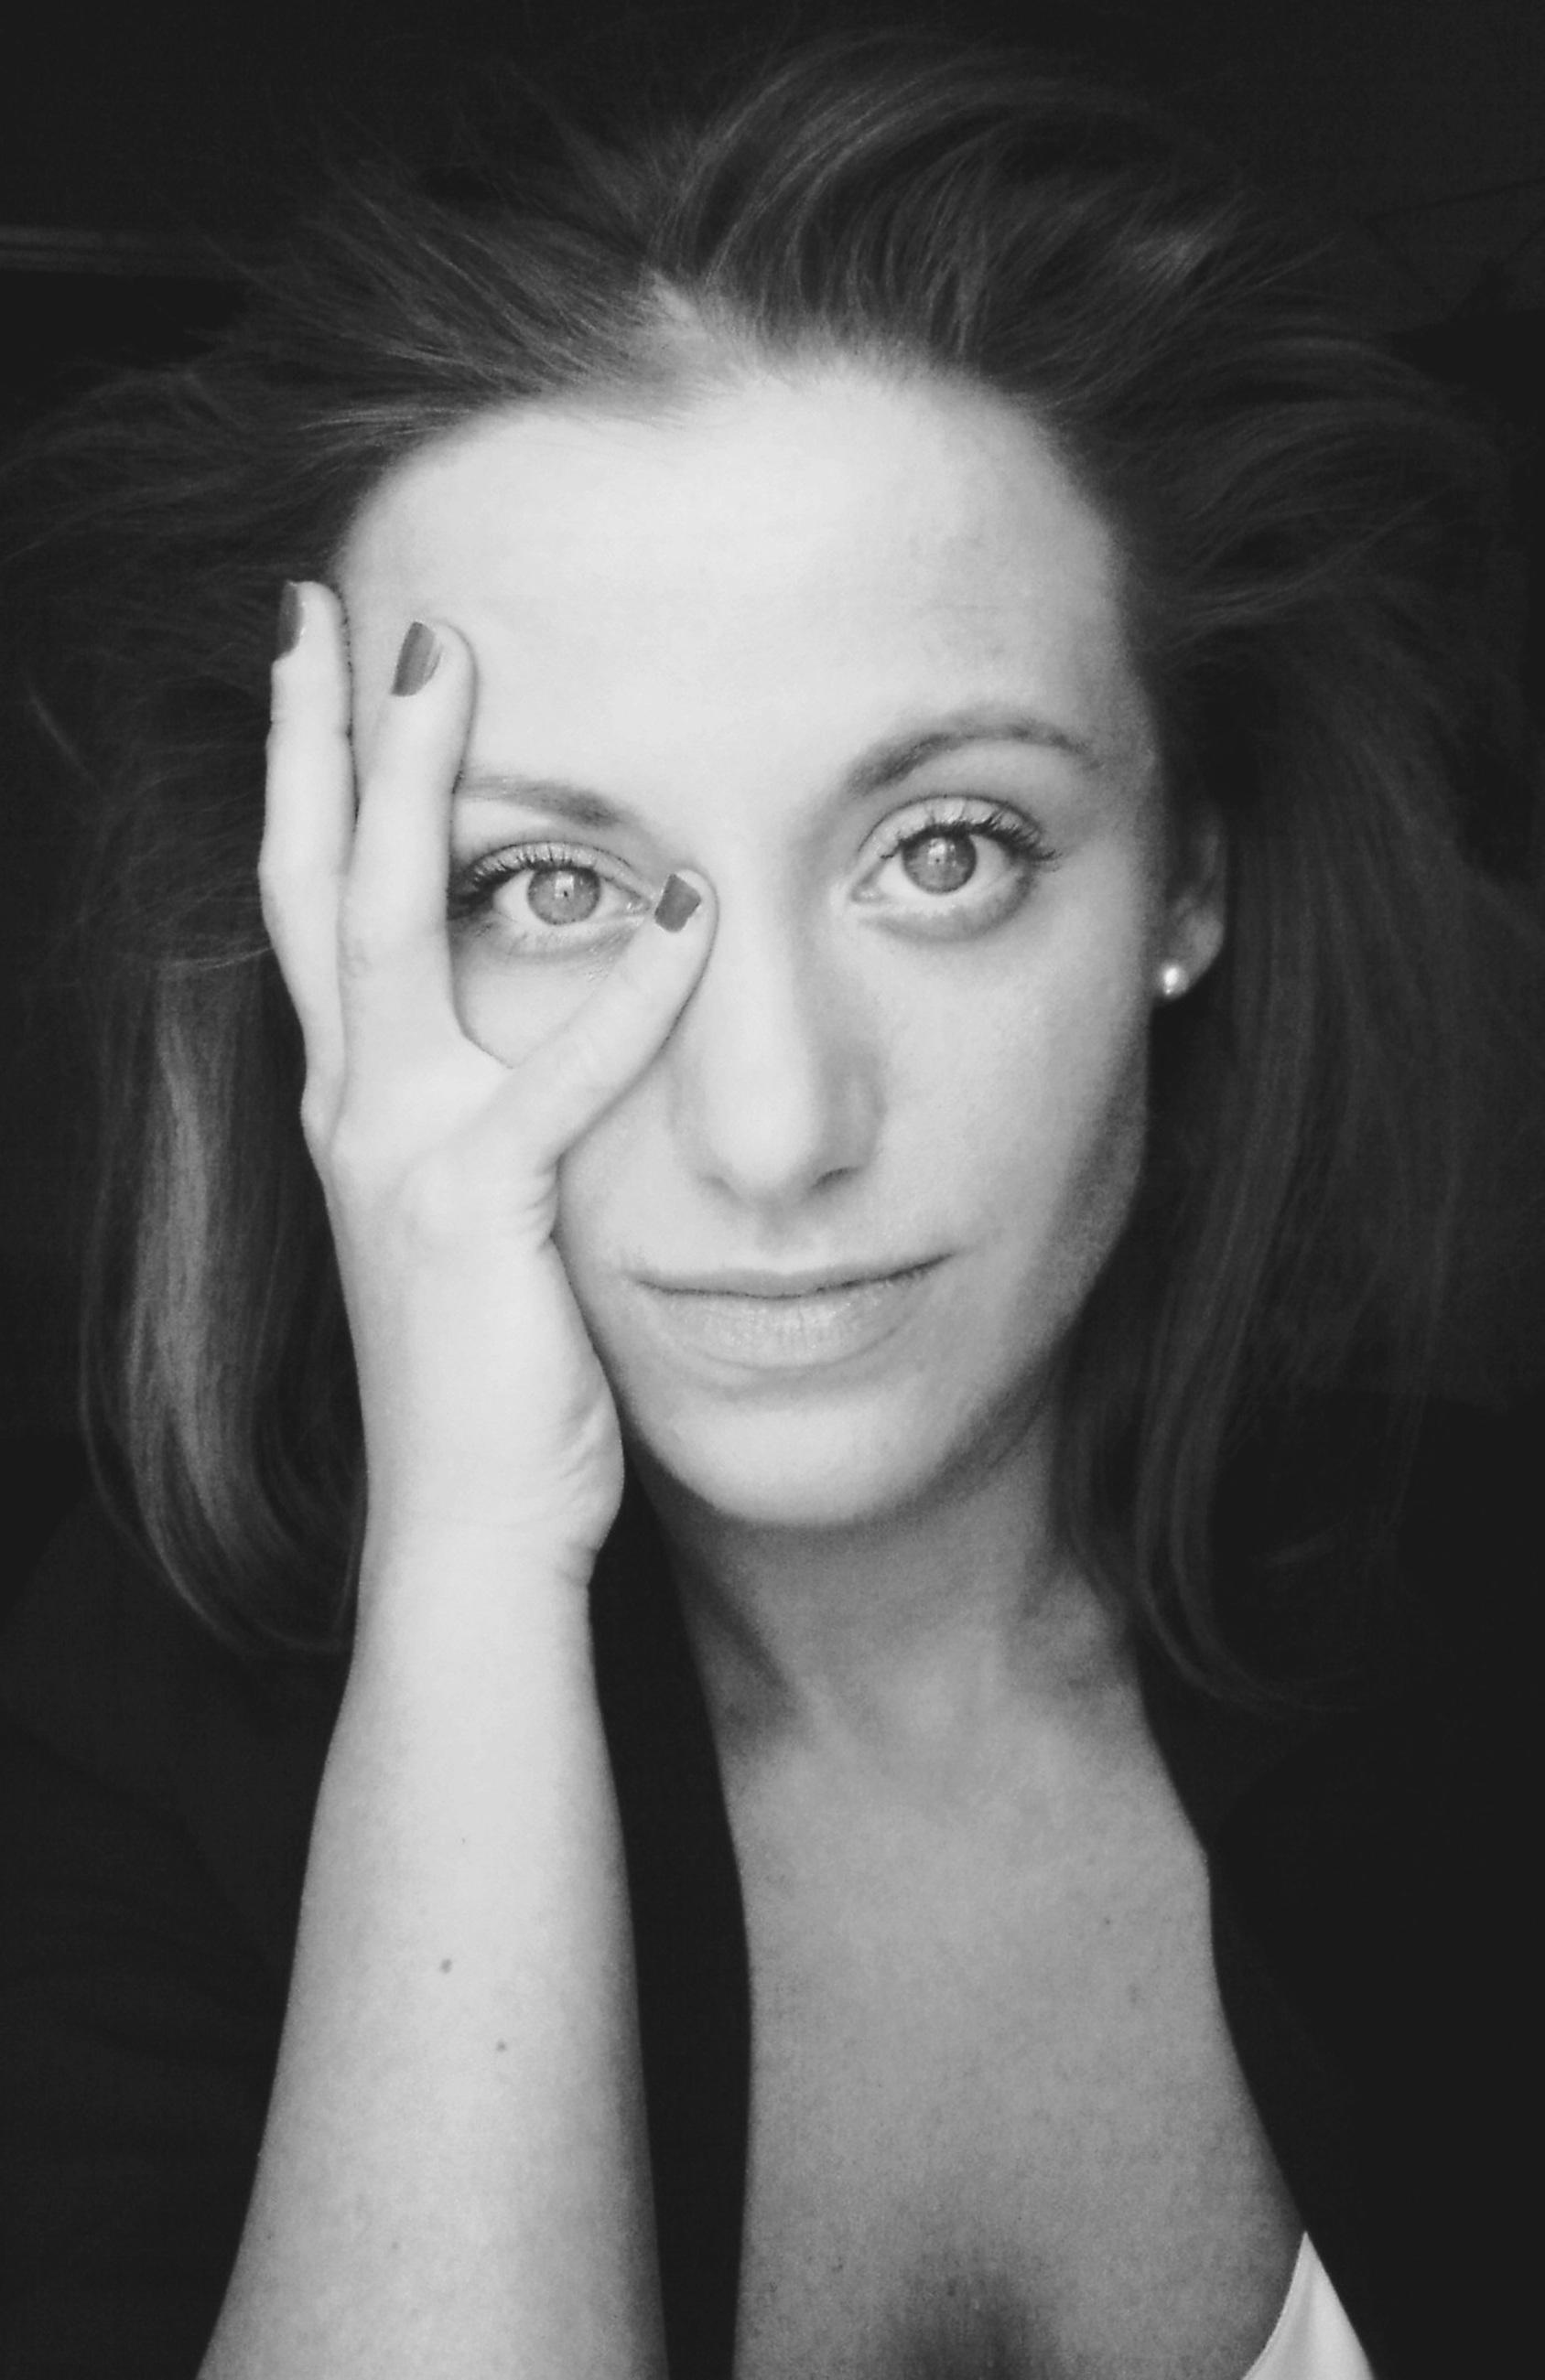 Kobieta w ciemnej bluzce z dłonią przy twarzy